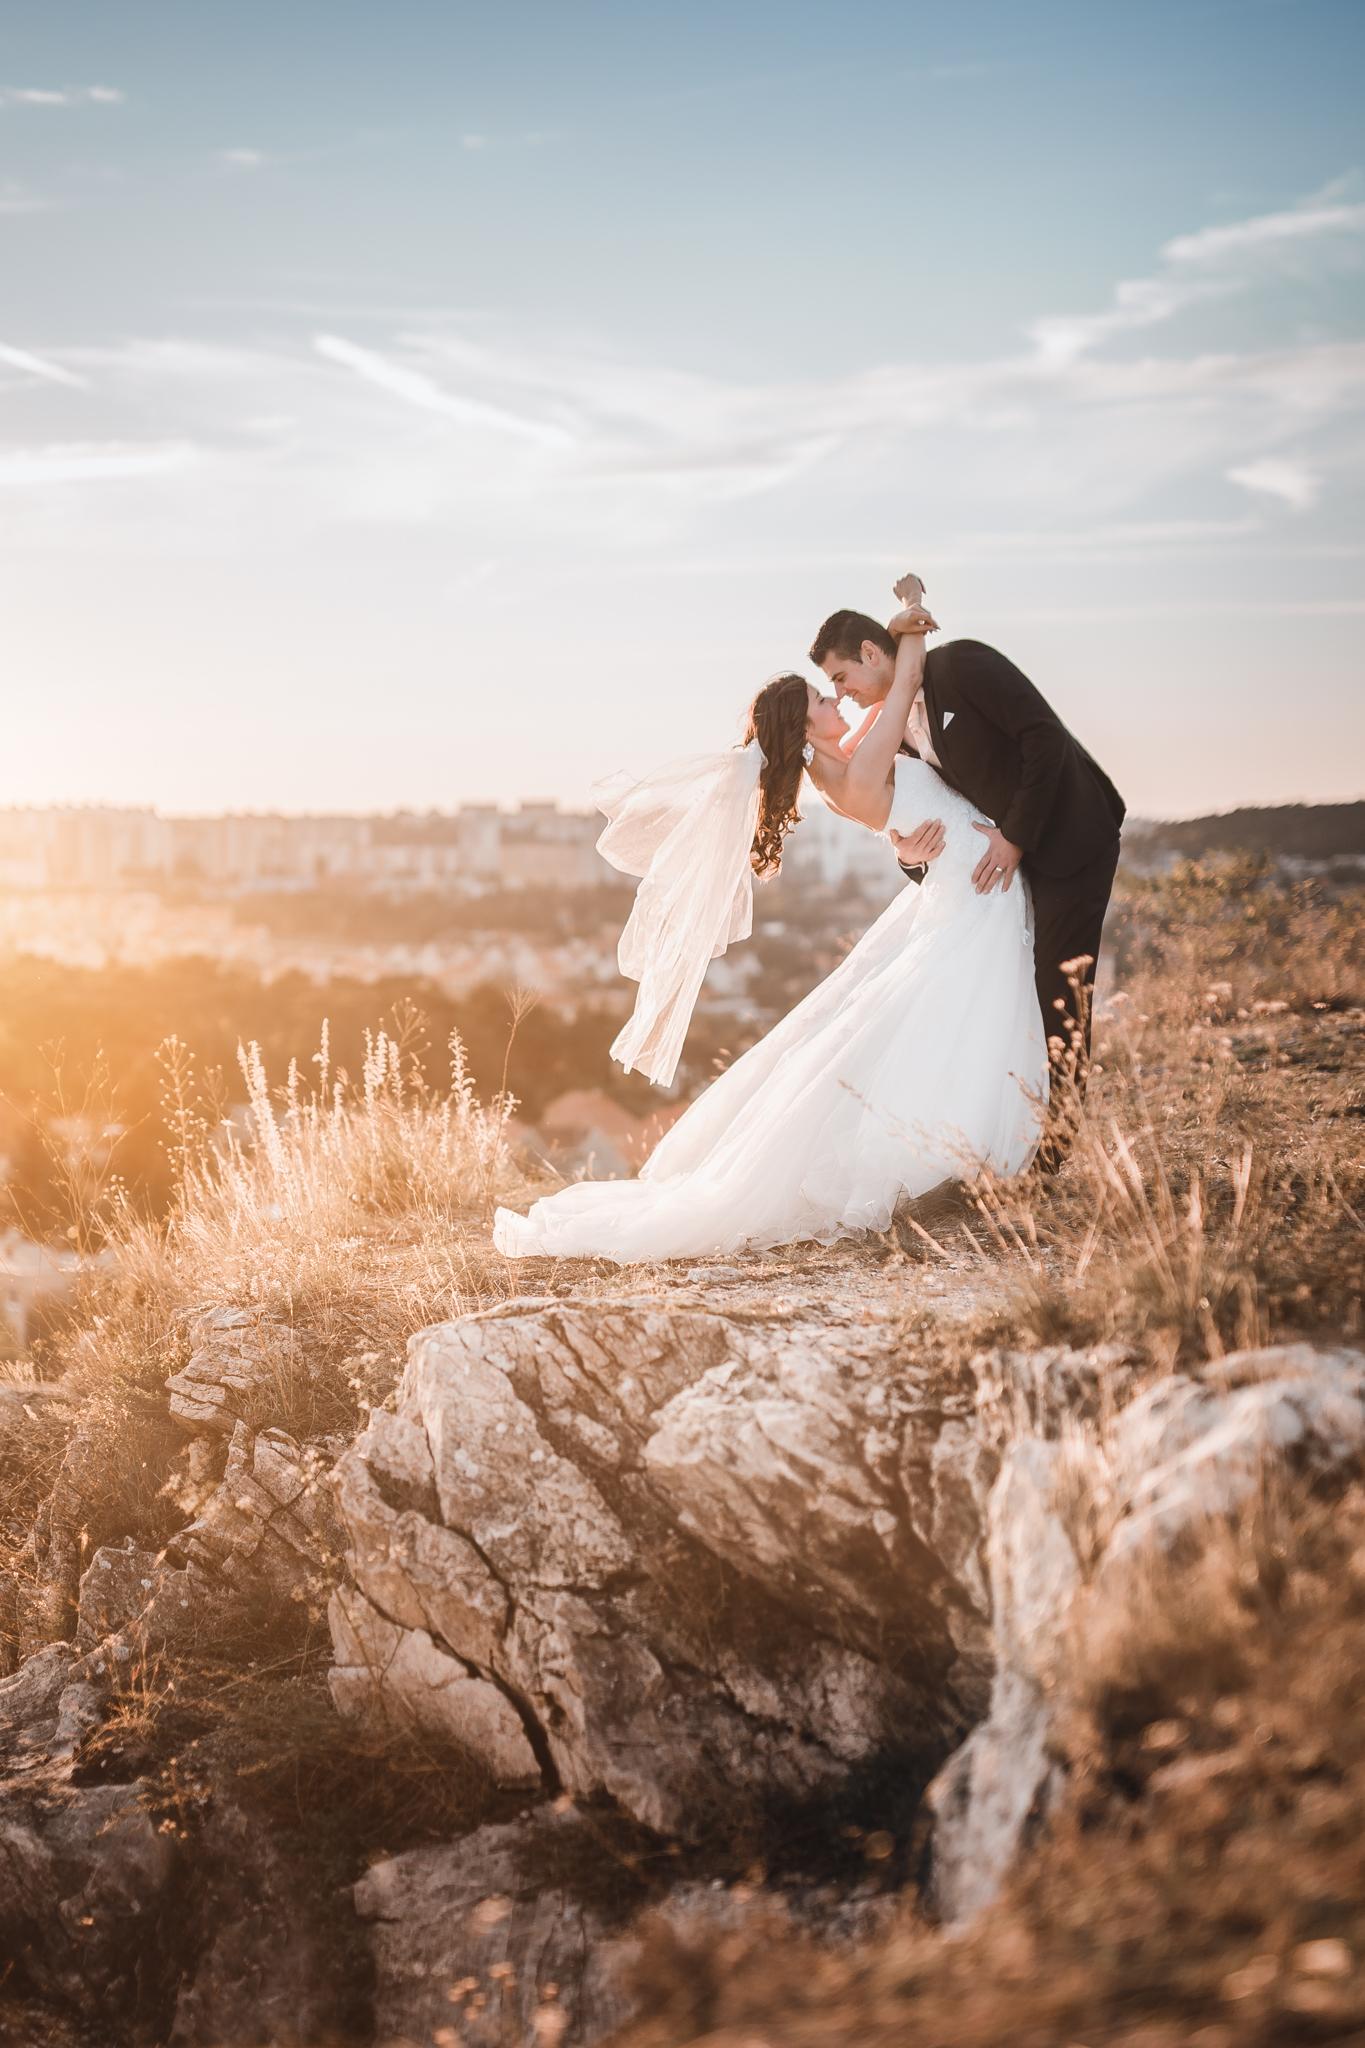 Nitra, západ slnka, kalvária, skaly, výhľad, vietor, romantika, nevesta, ženích, svadobné šaty, závoj, láska